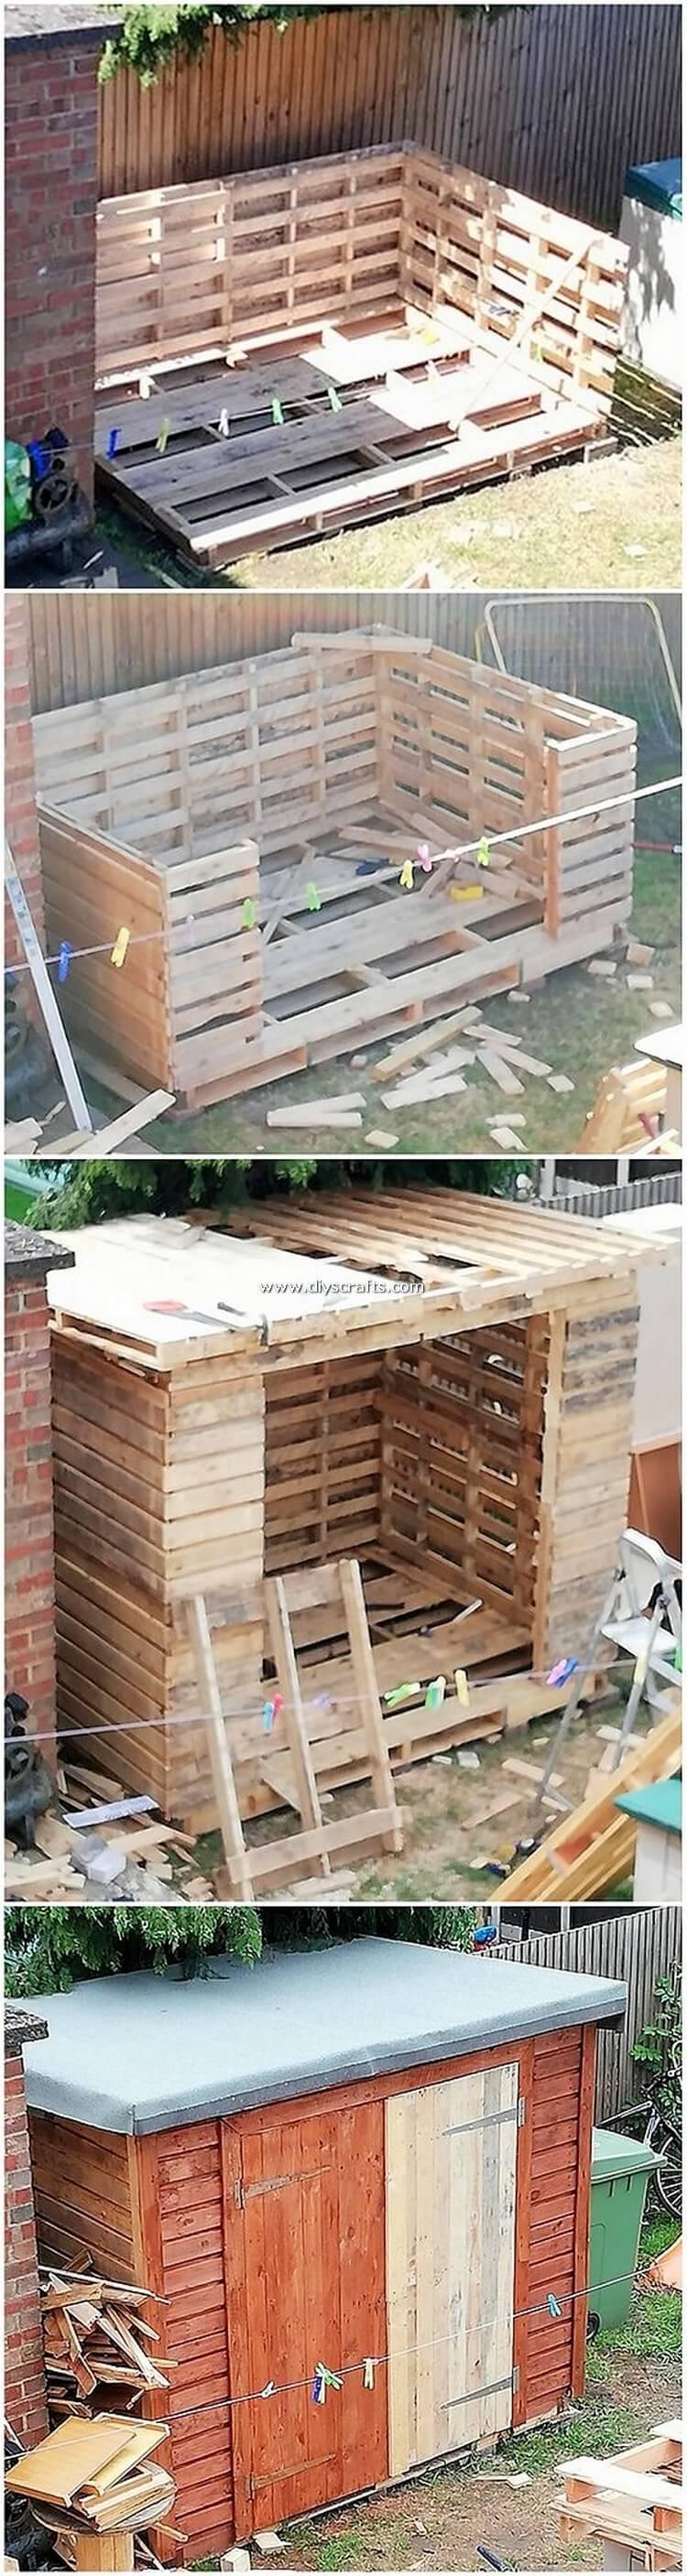 DIY-Pallet-Garden-Shed-or-House